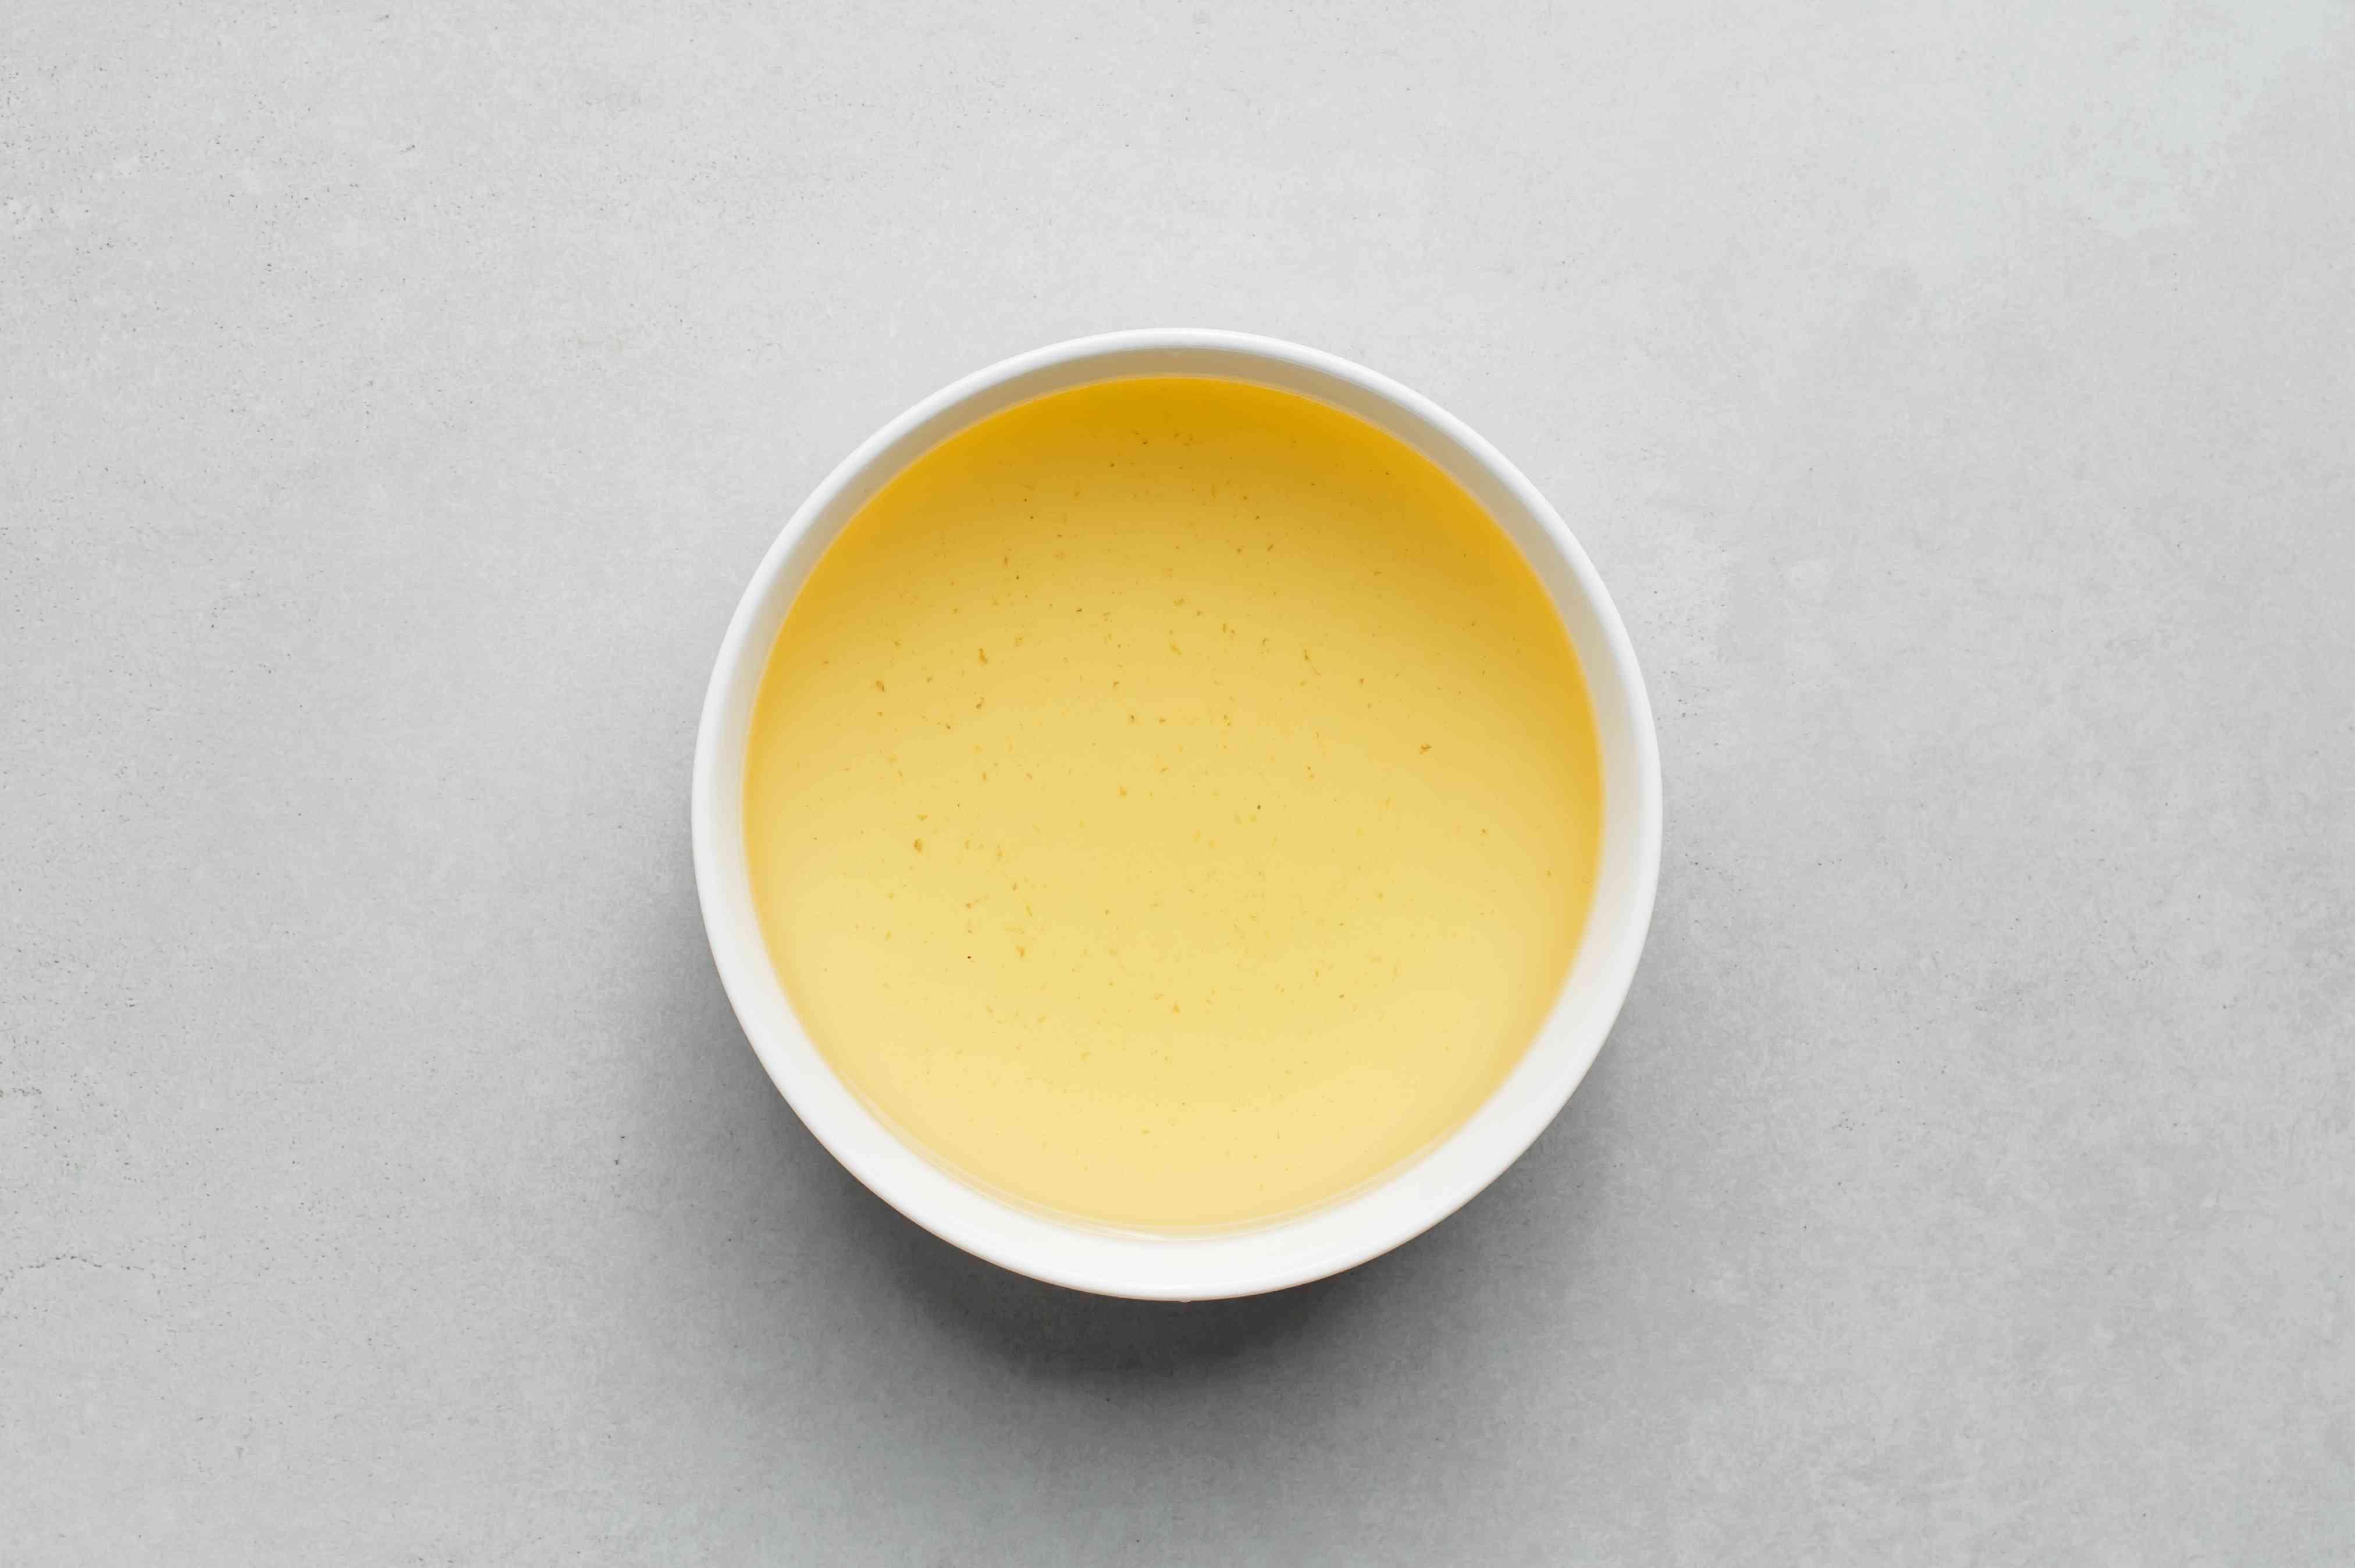 Dashi broth in a bowl